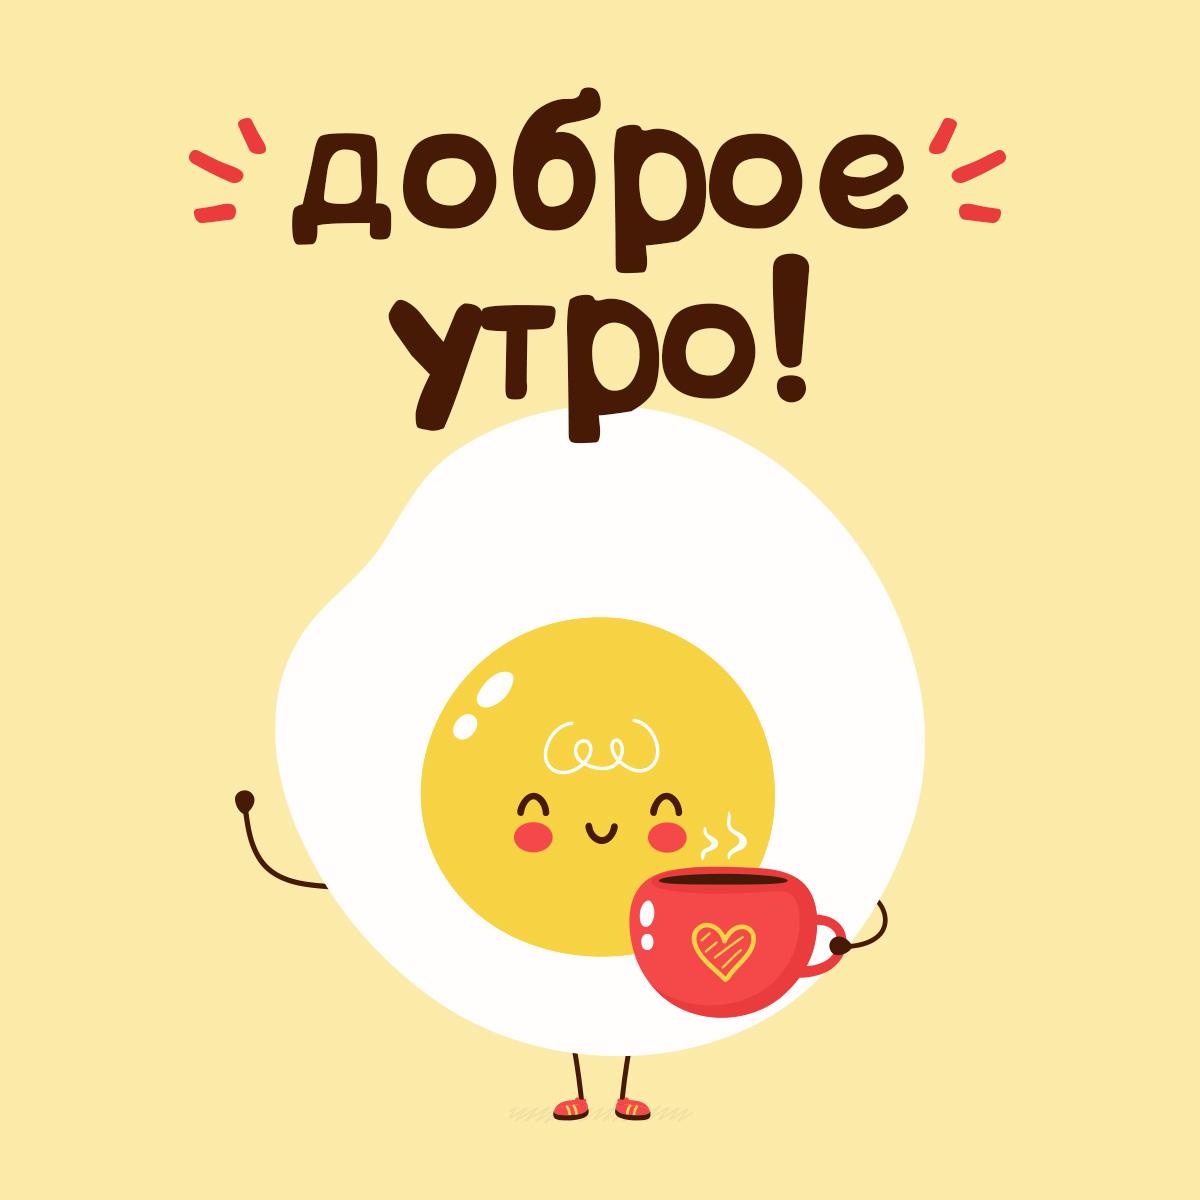 Жёлтая картинка с текстом доброе утро и яичницей в виде смайлика с кофейной чашкой.